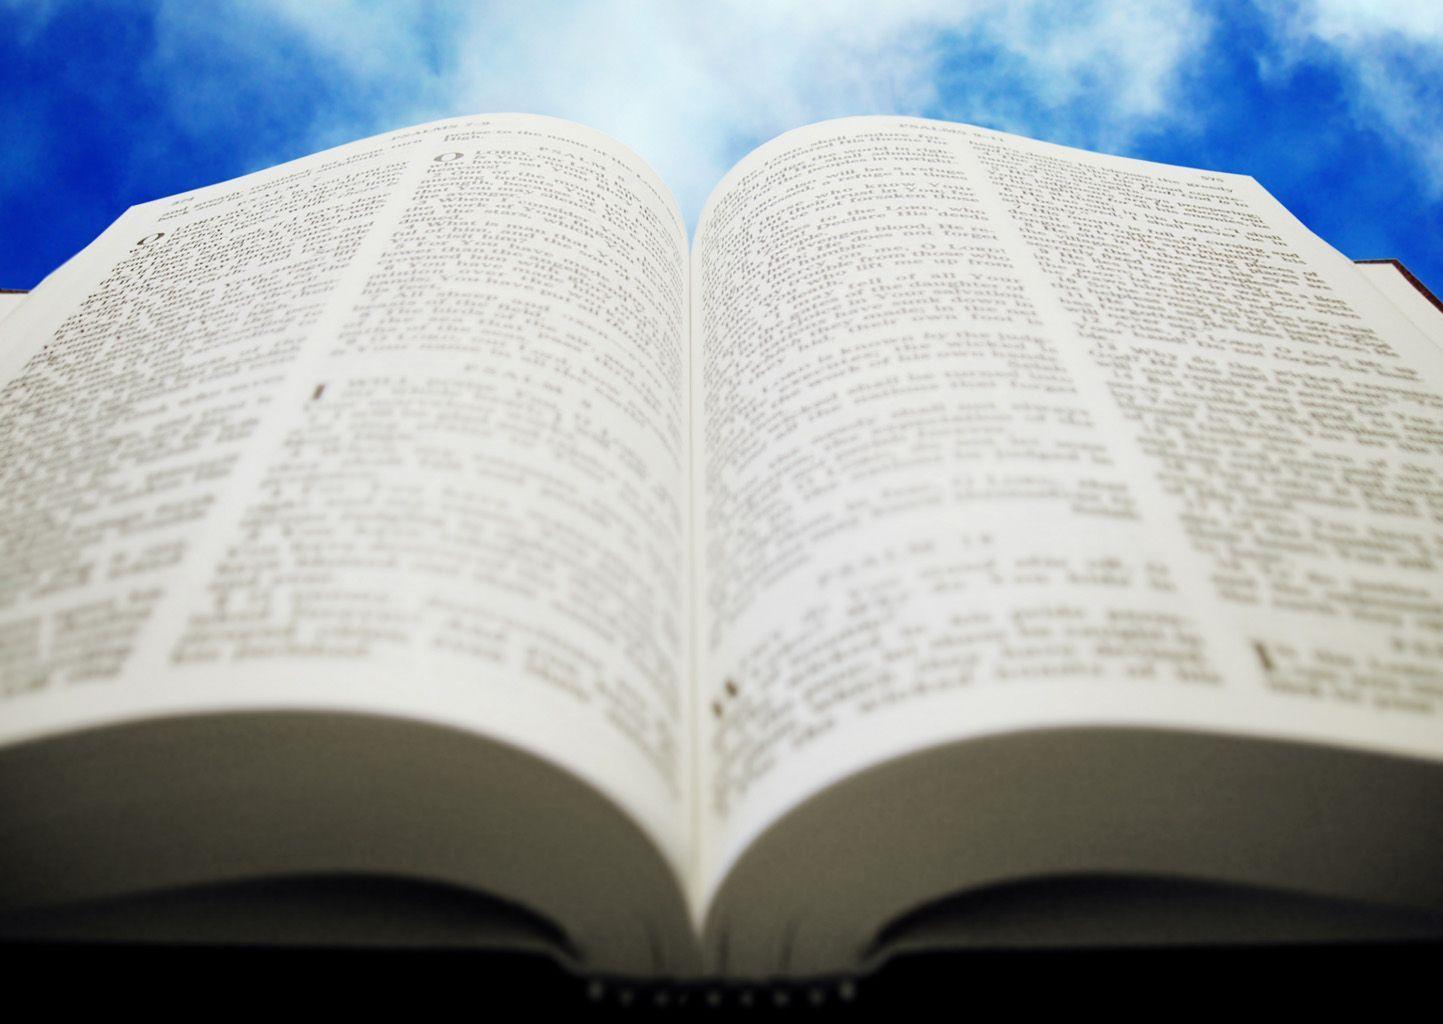 როგორ ვიღებთ ღვთის სიტყვას